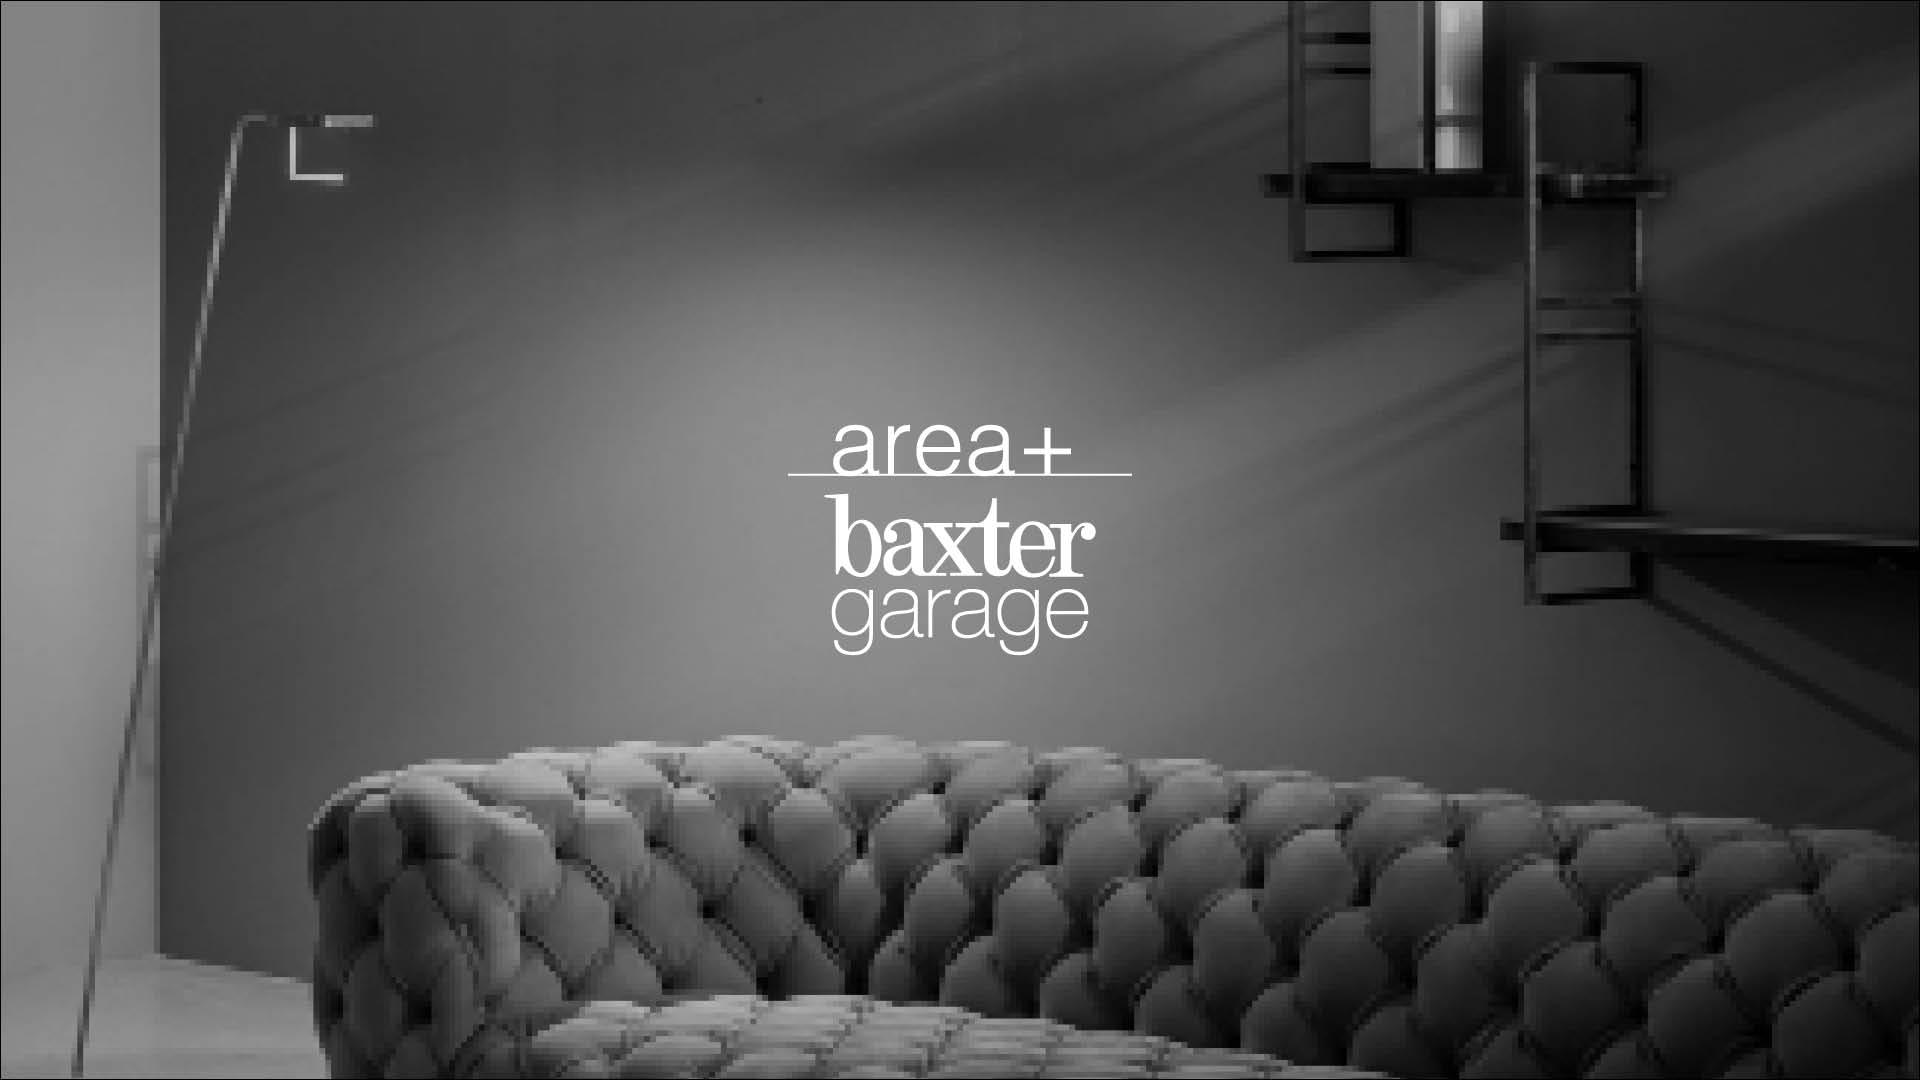 AREA + BAXTER GARAGE